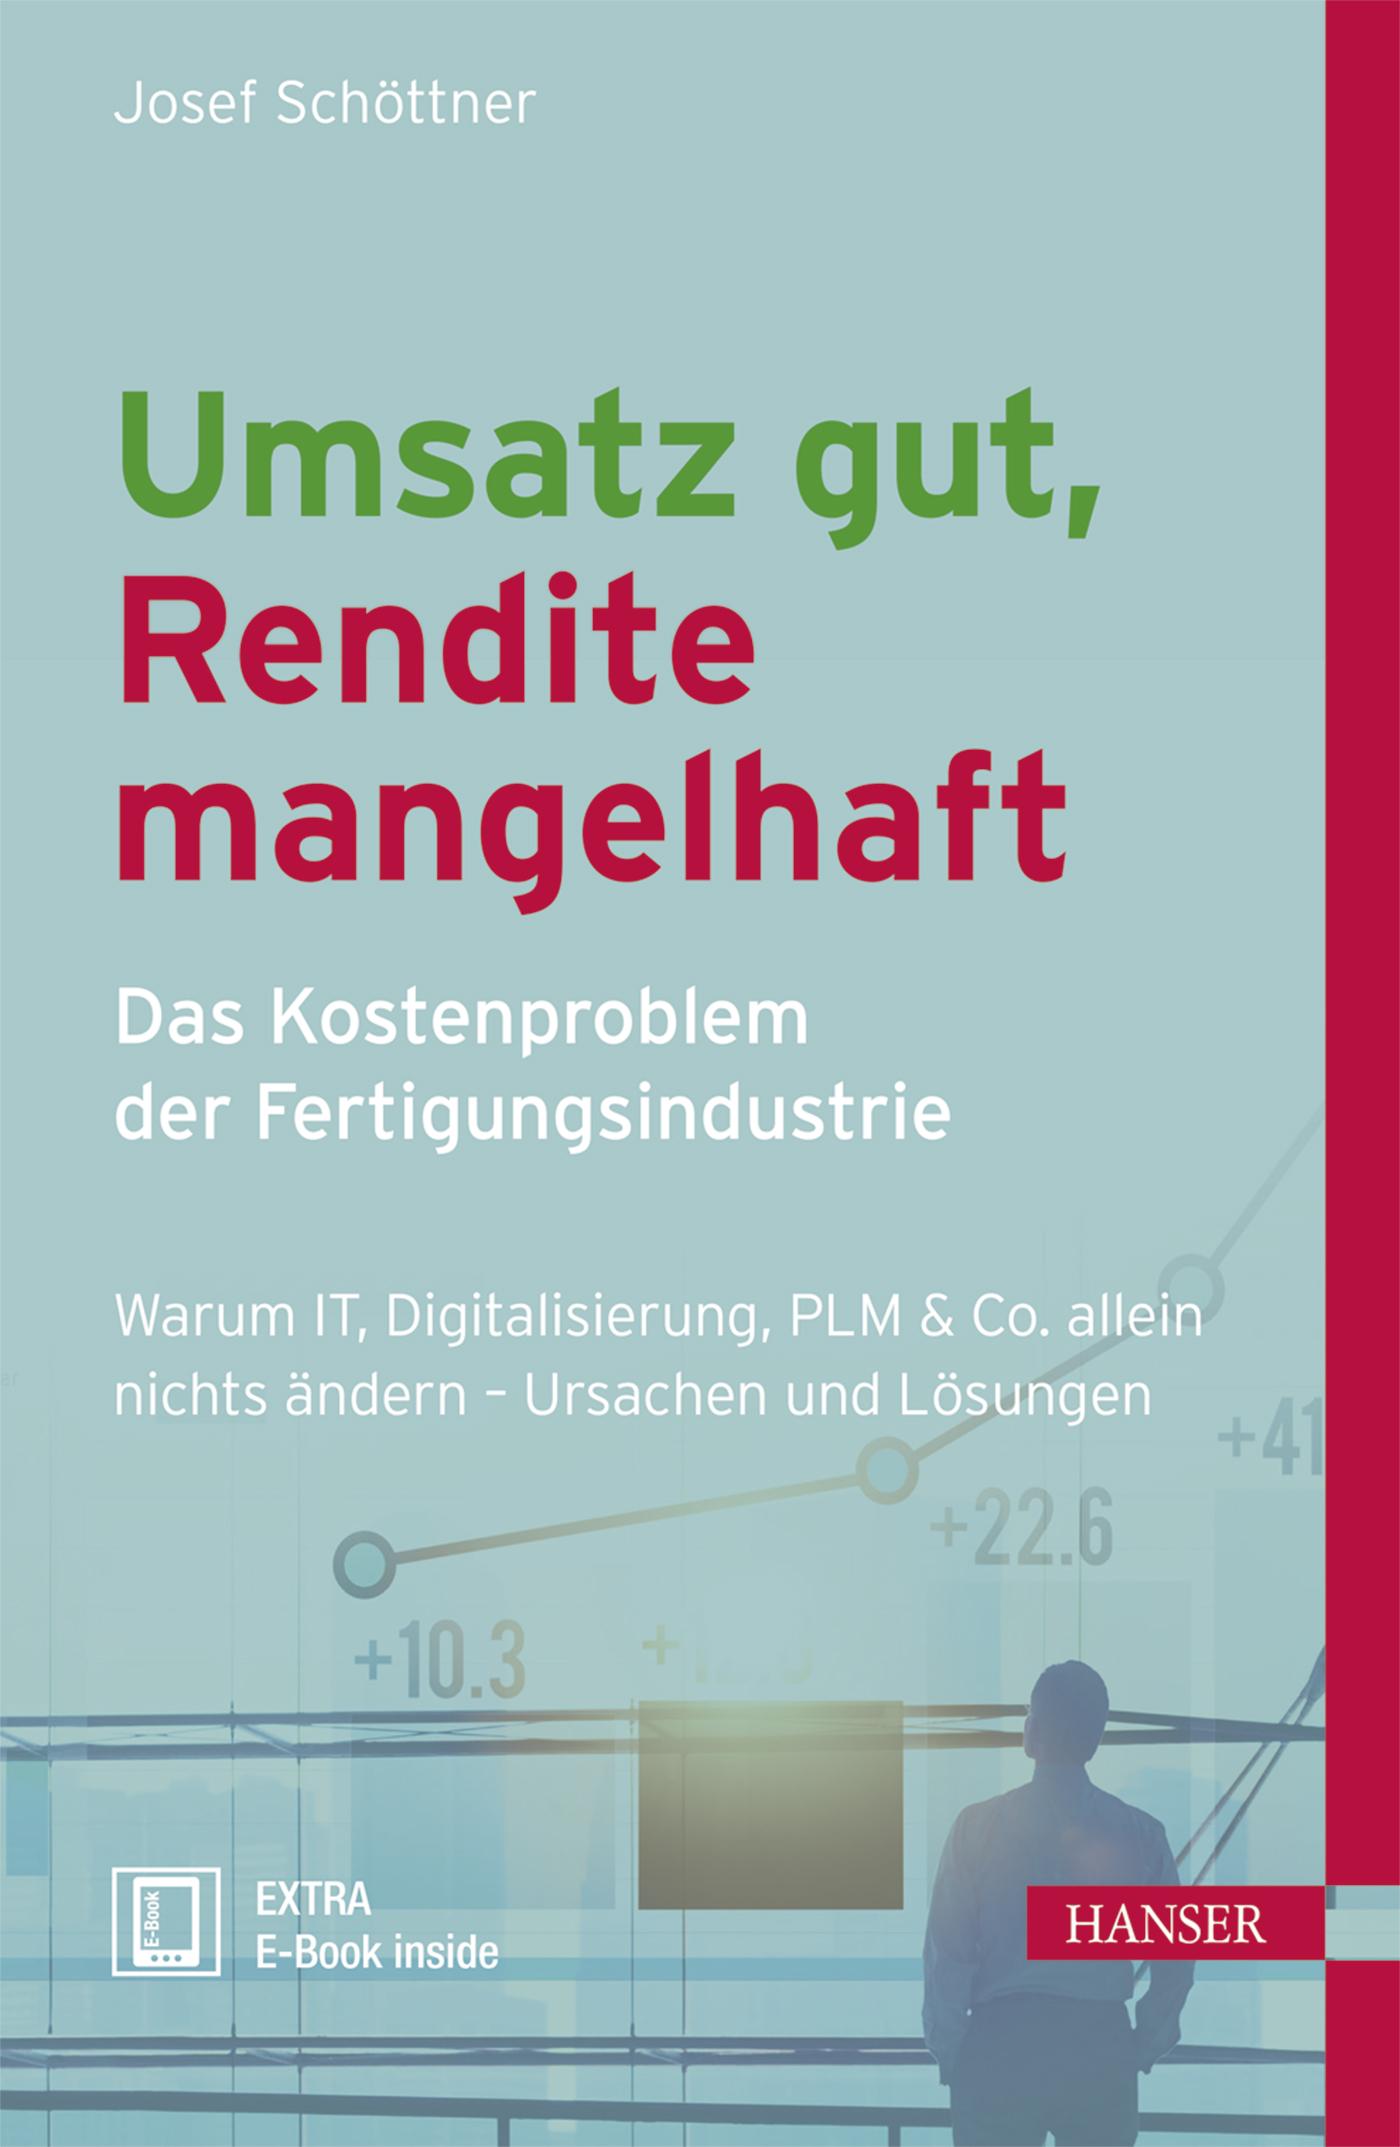 Schöttner, Umsatz gut, Rendite mangelhaft - das Kostenproblem der Fertigungsindustrie, 978-3-446-45340-1